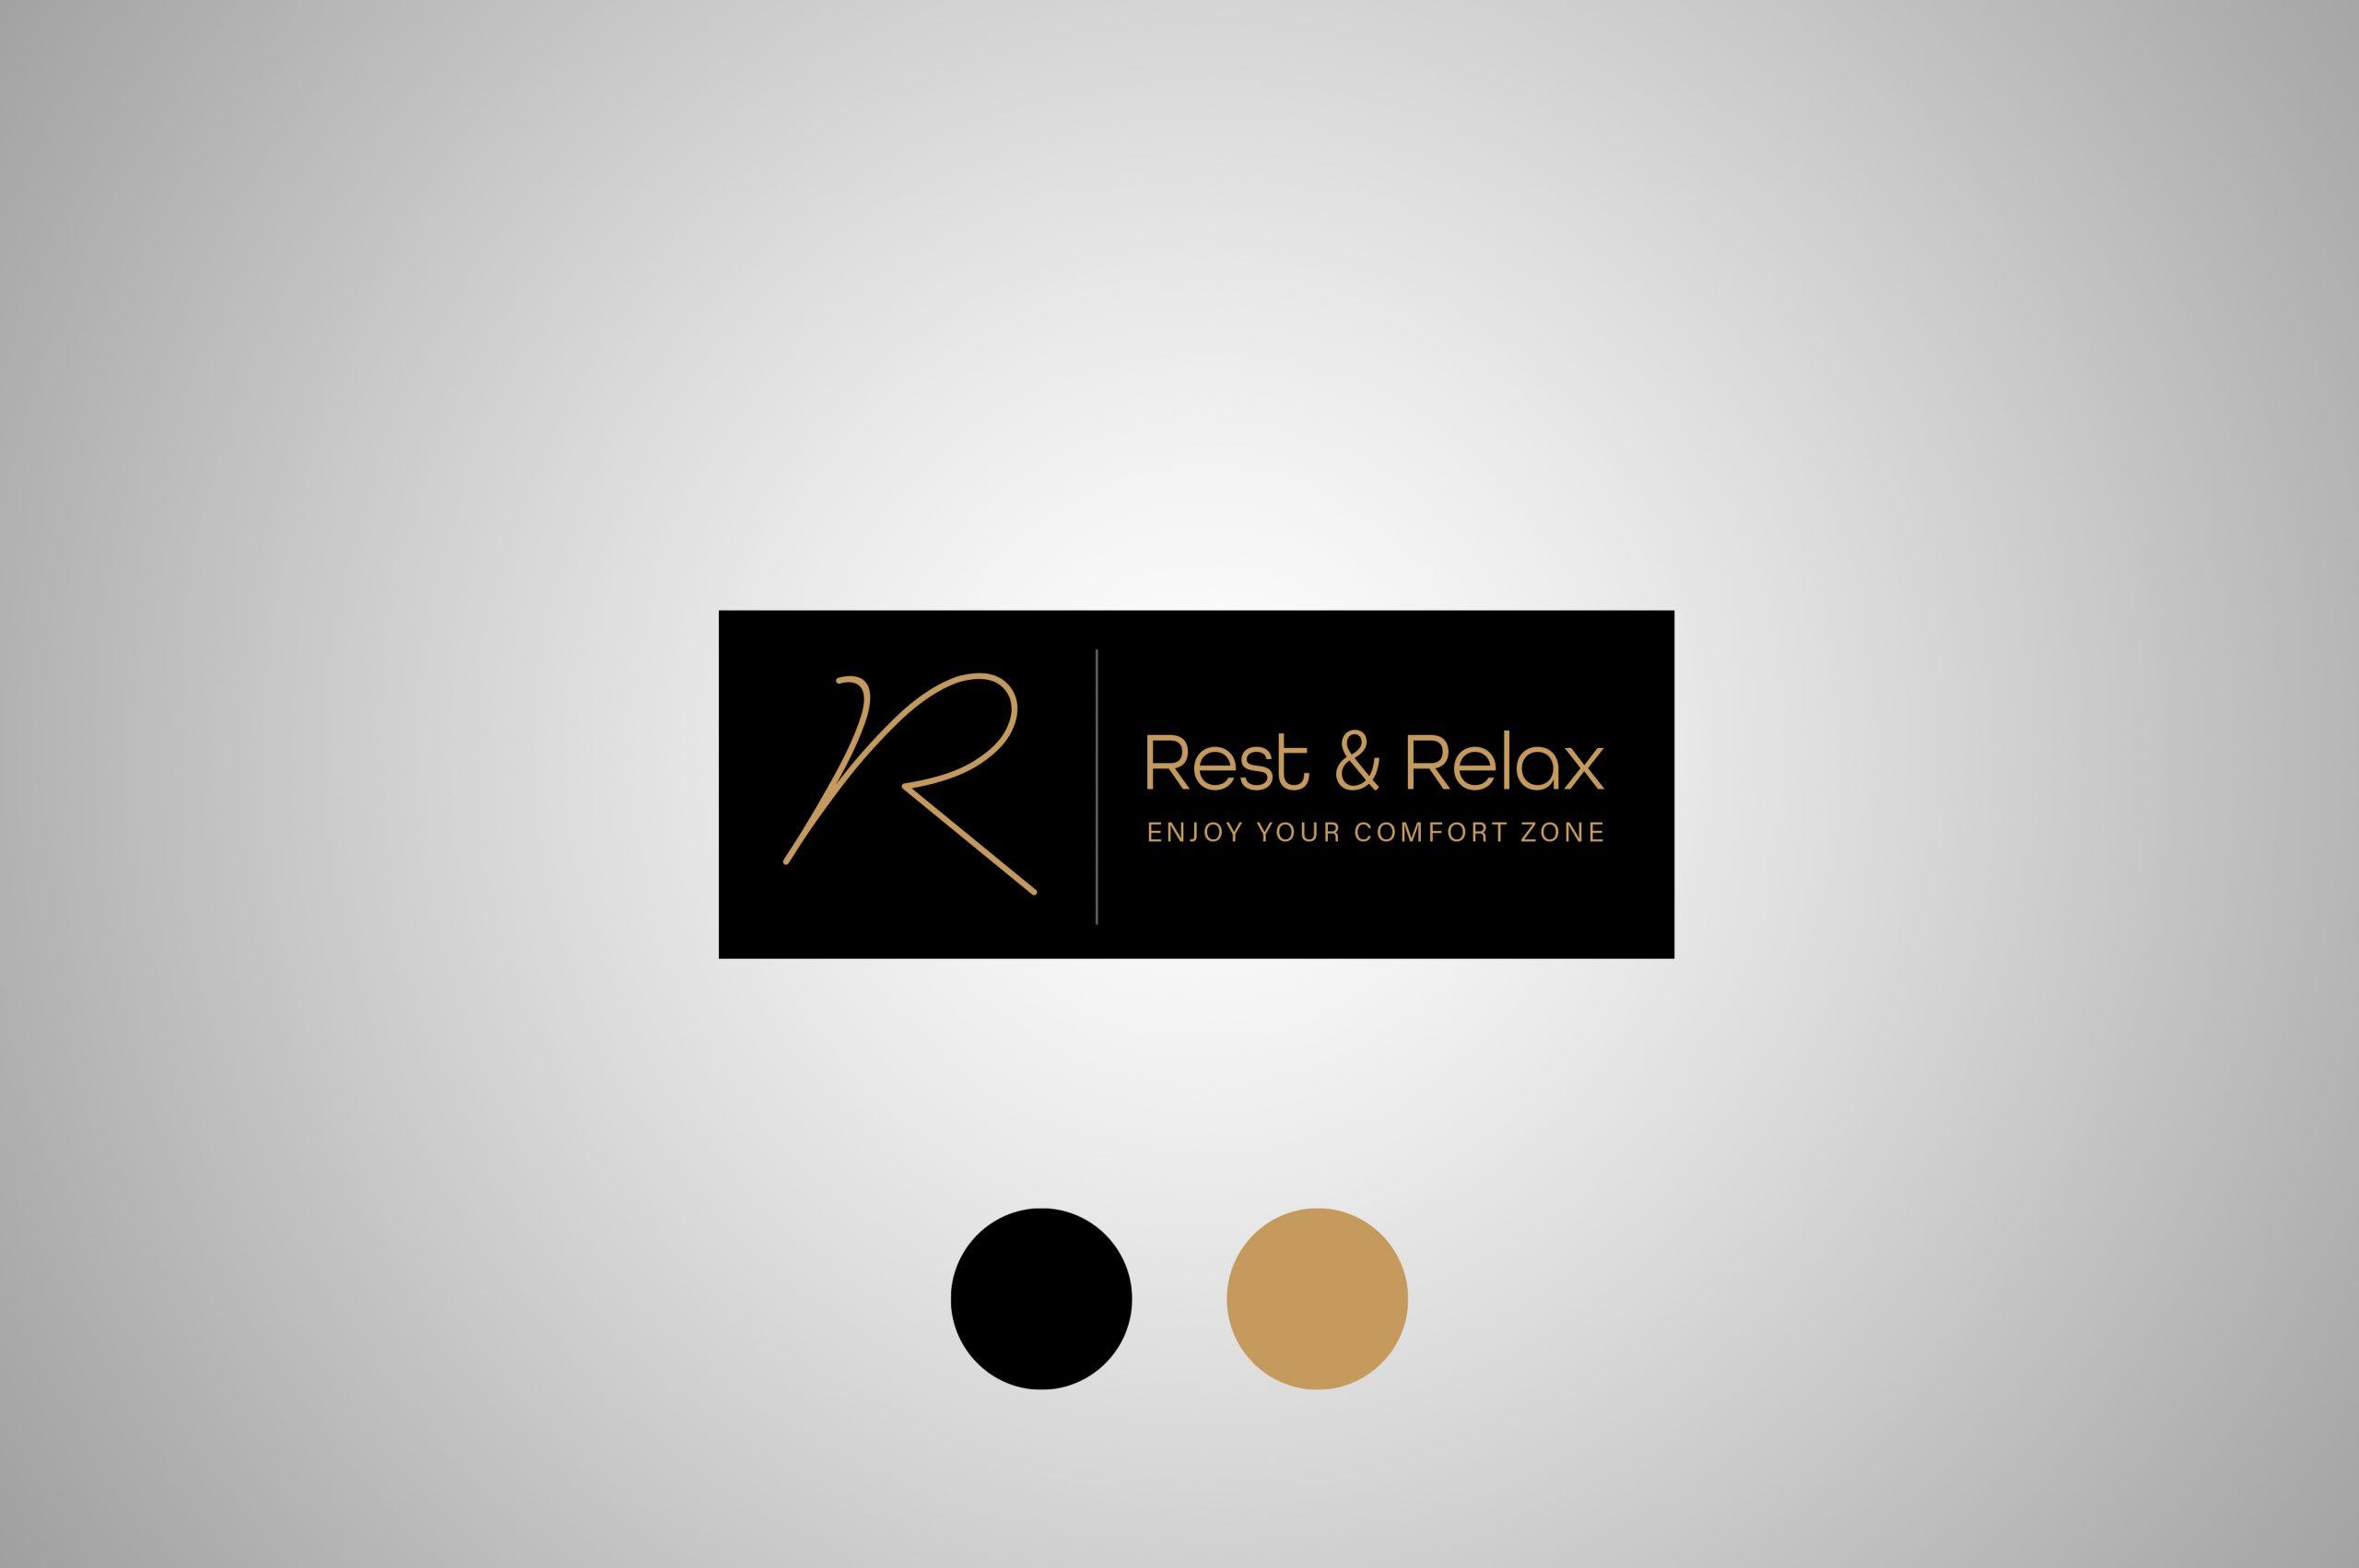 עיצוב לוגו רסט רילקס